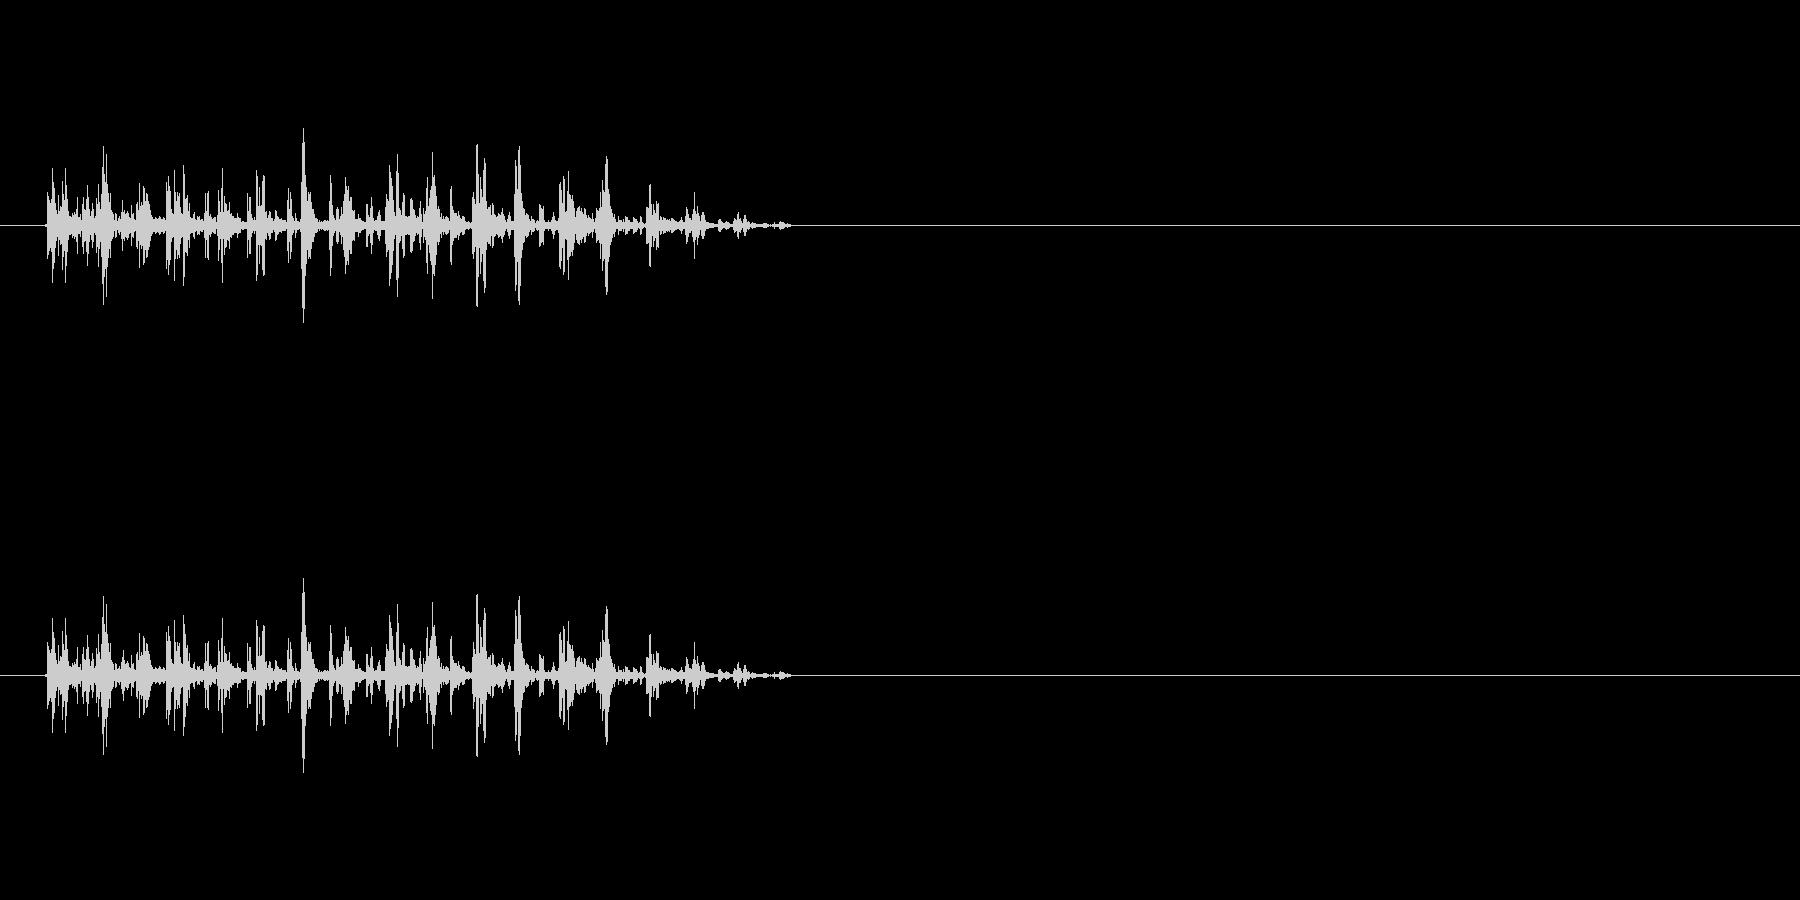 【バタバタバタバタ】鳥や虫が飛ぶ・騒ぐ音の未再生の波形